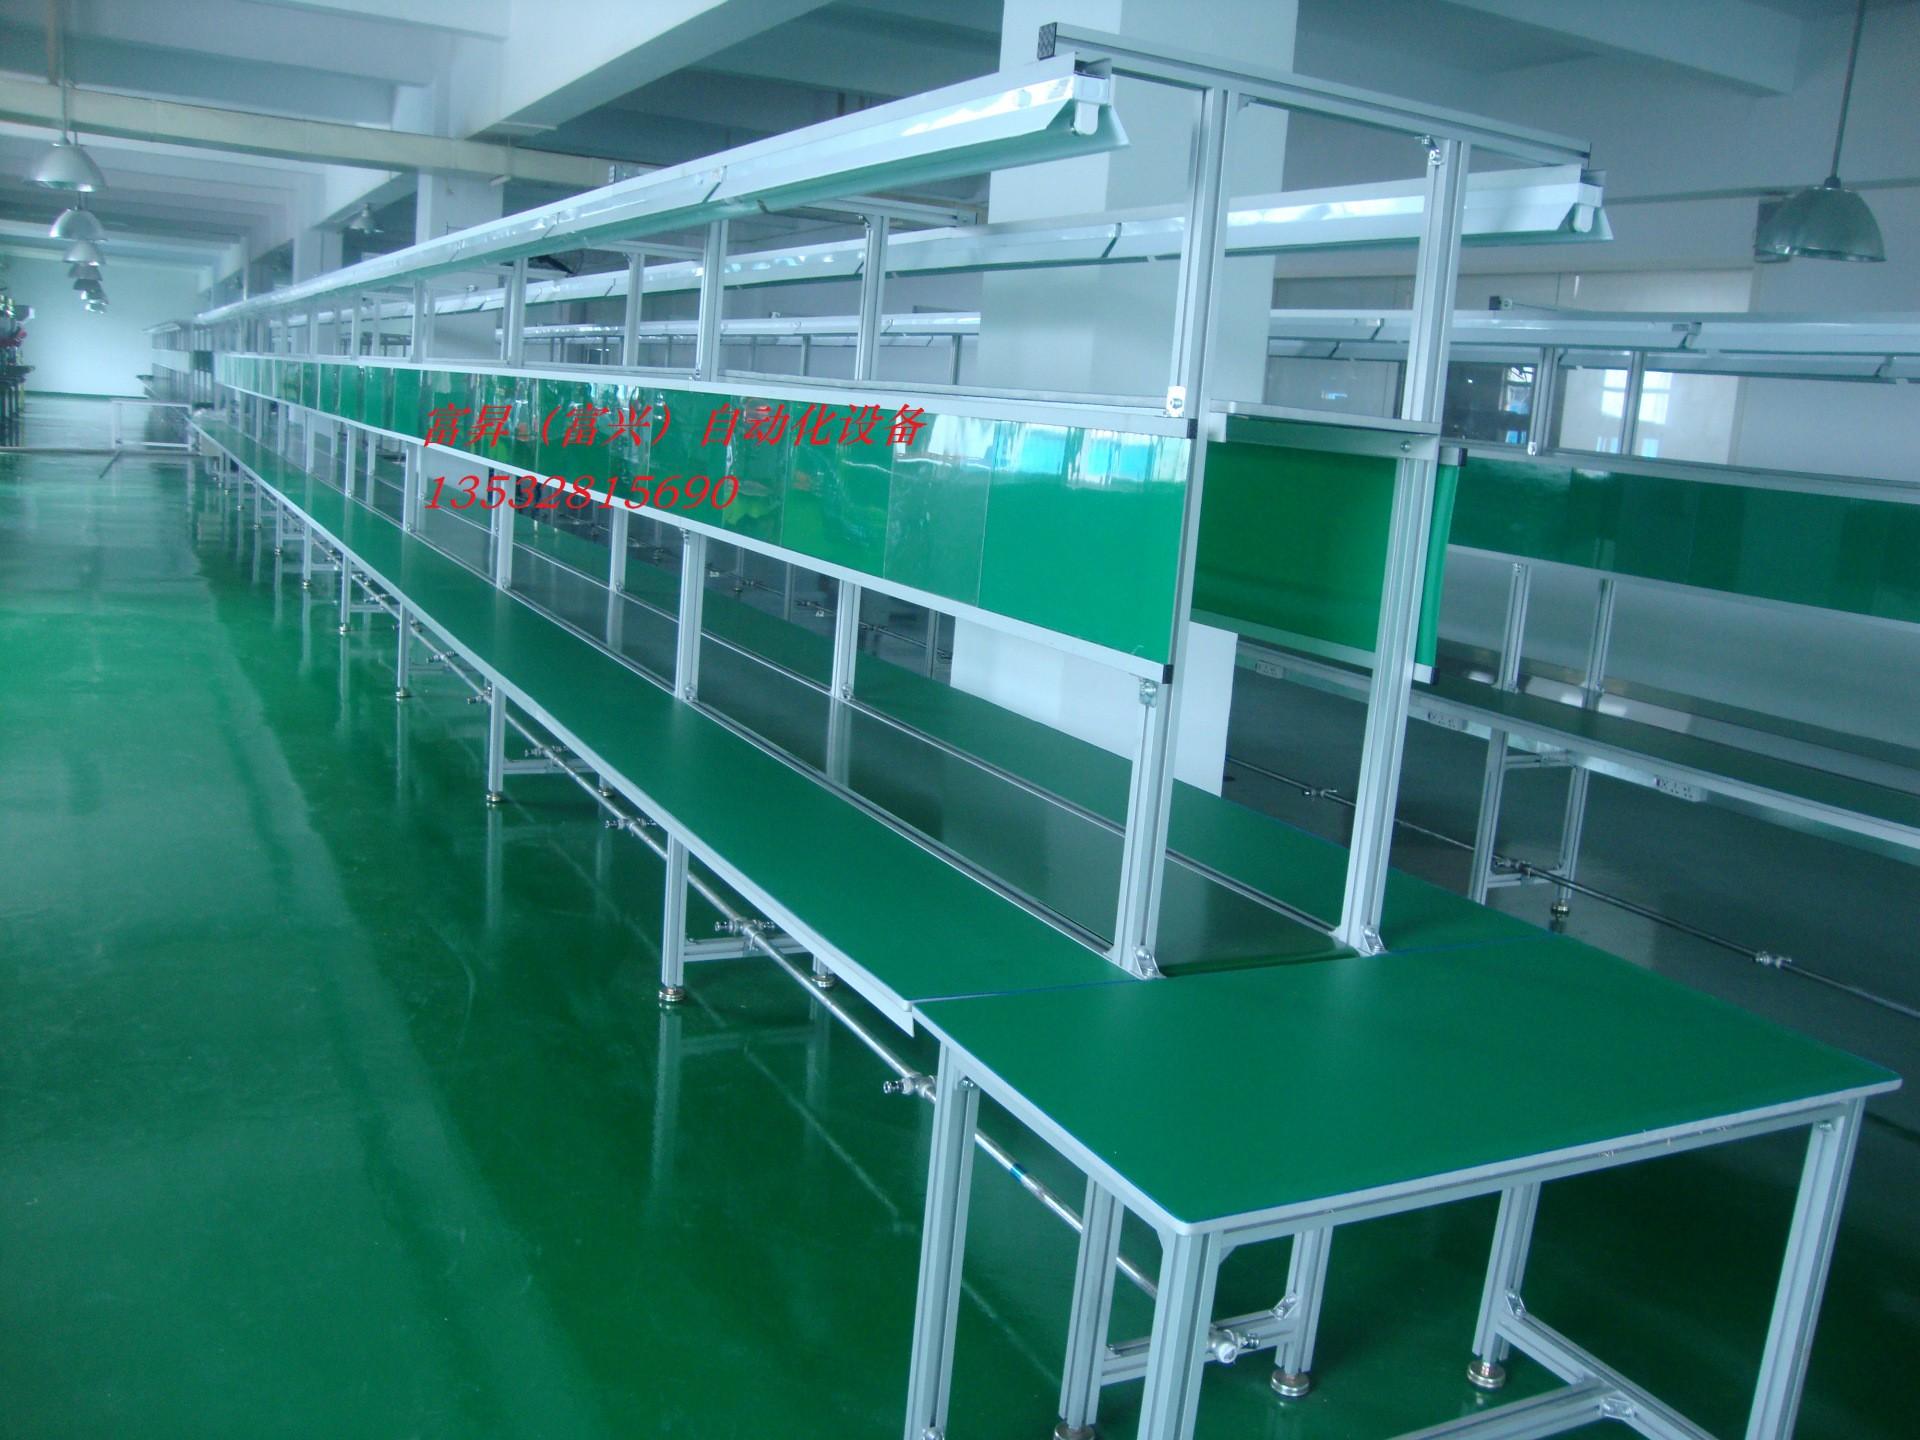 供给各行业消费线/流水线/保送机/拉线/电子电器流水线/消费线